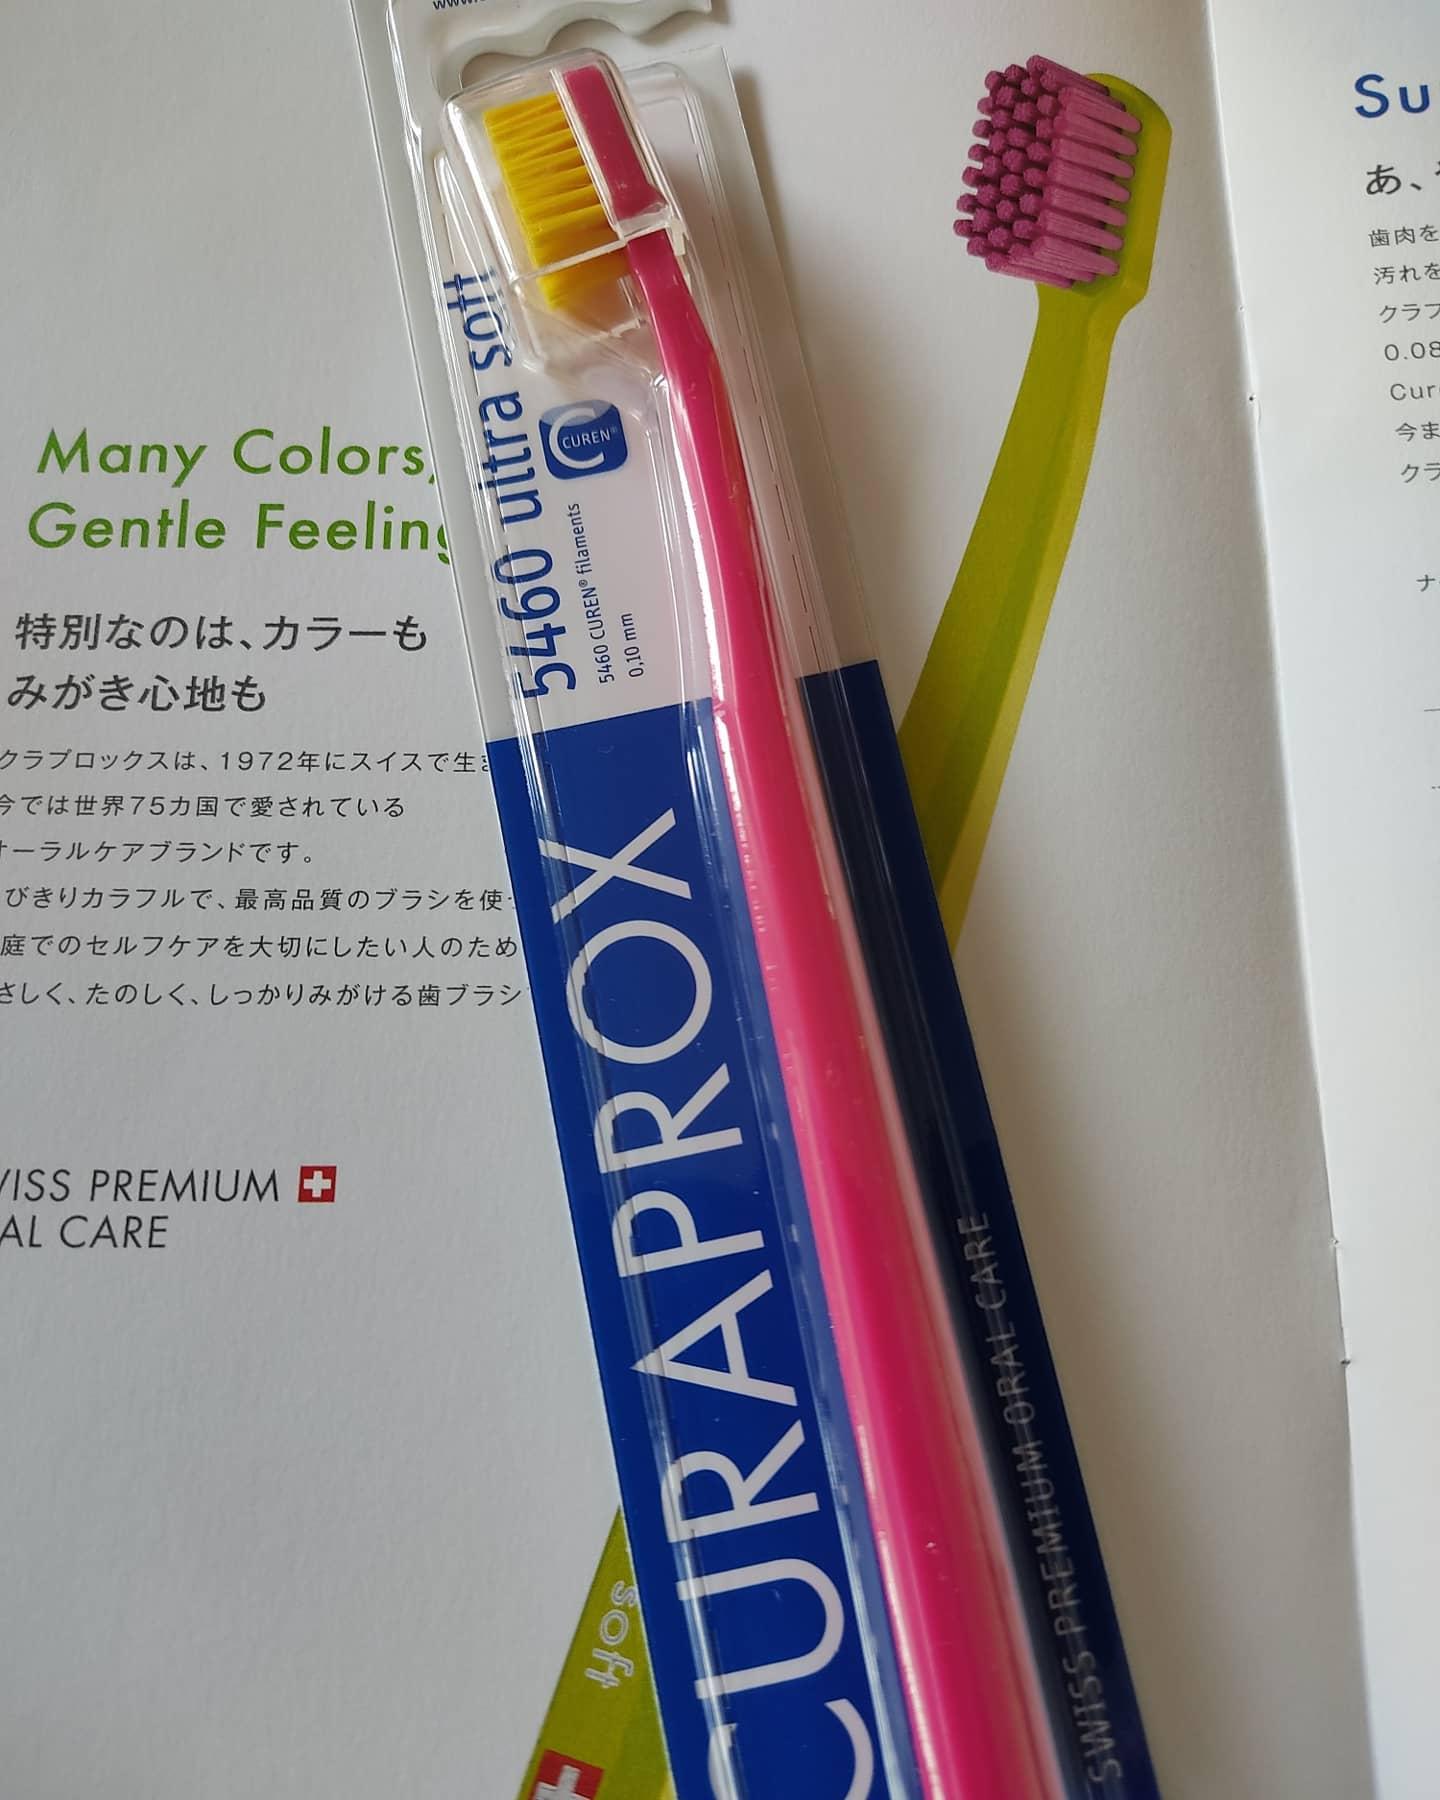 口コミ投稿:#クラプロックス #クラプロックス使ってみた #天使の歯ブラシ #monipla #curaprox_fa…